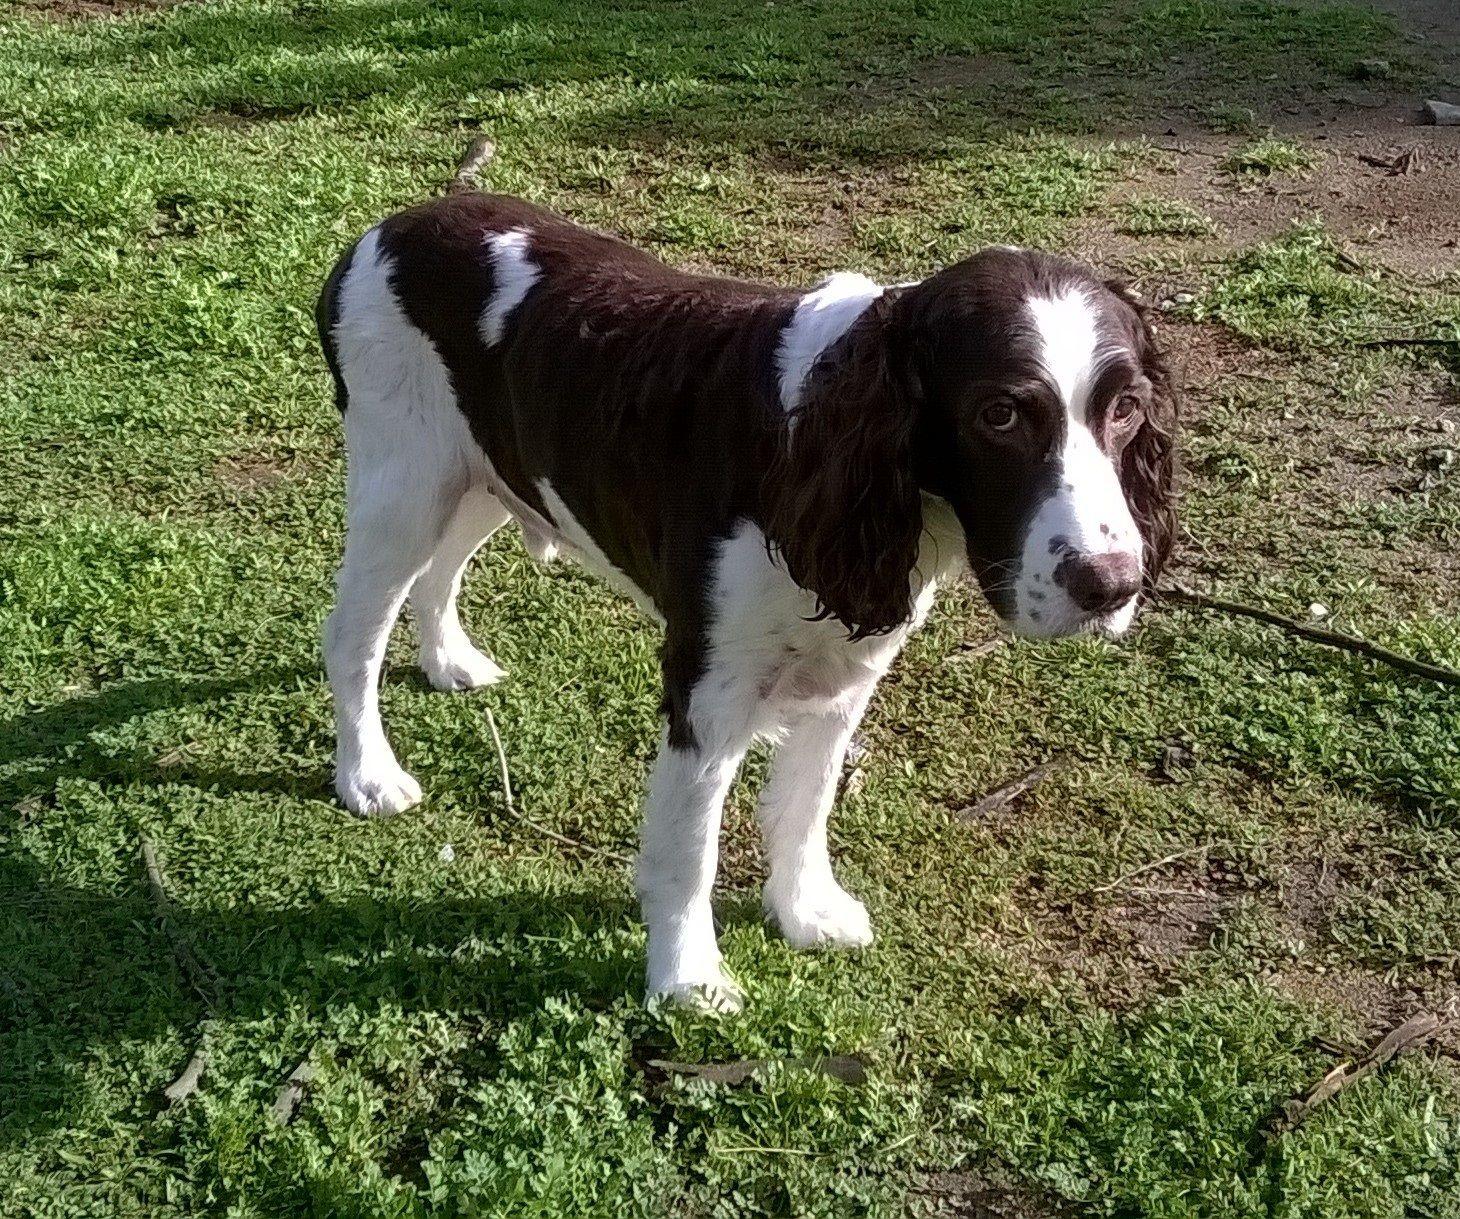 English Springer Spaniel Dog For Adoption In Campbell Ca Adn 447546 On Puppyfinder Com Gender Male Age S Dog Adoption English Springer Spaniel Spaniel Dog